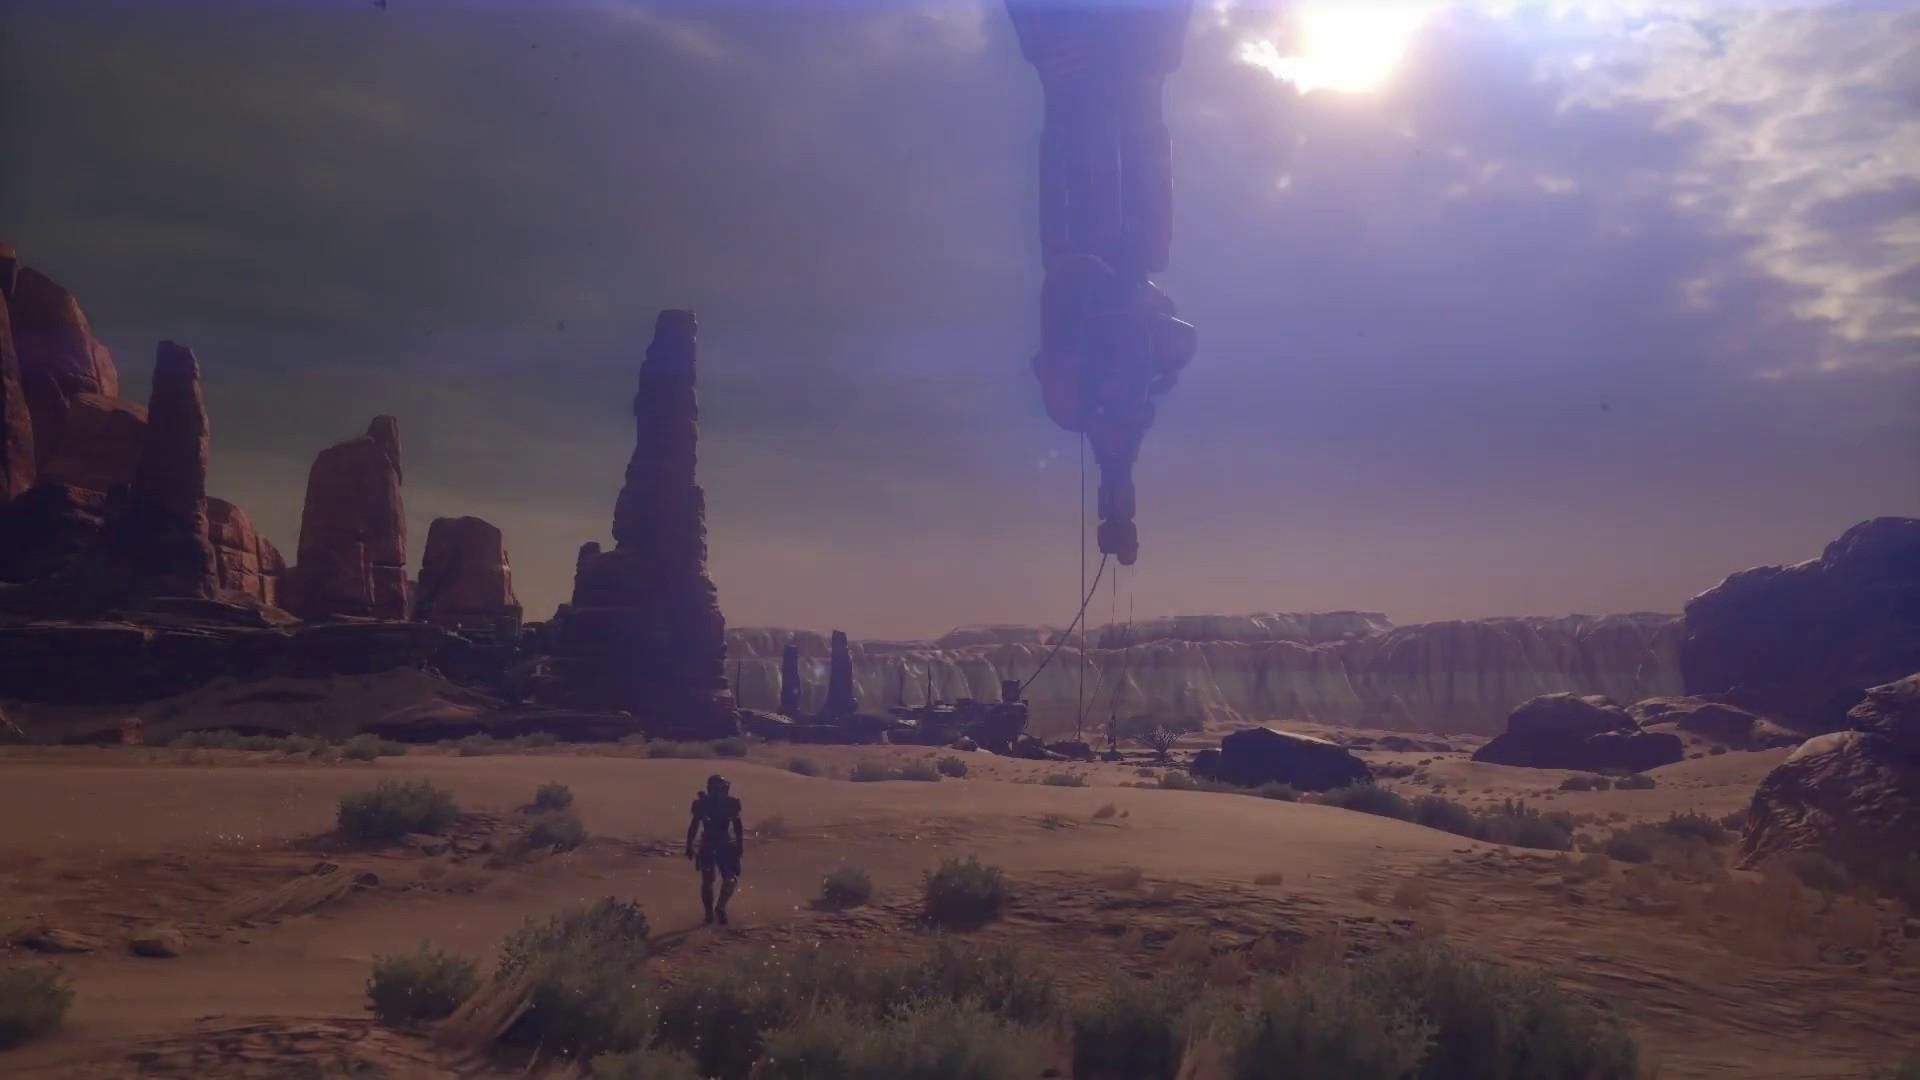 Une scène rappelant un précédent trailer